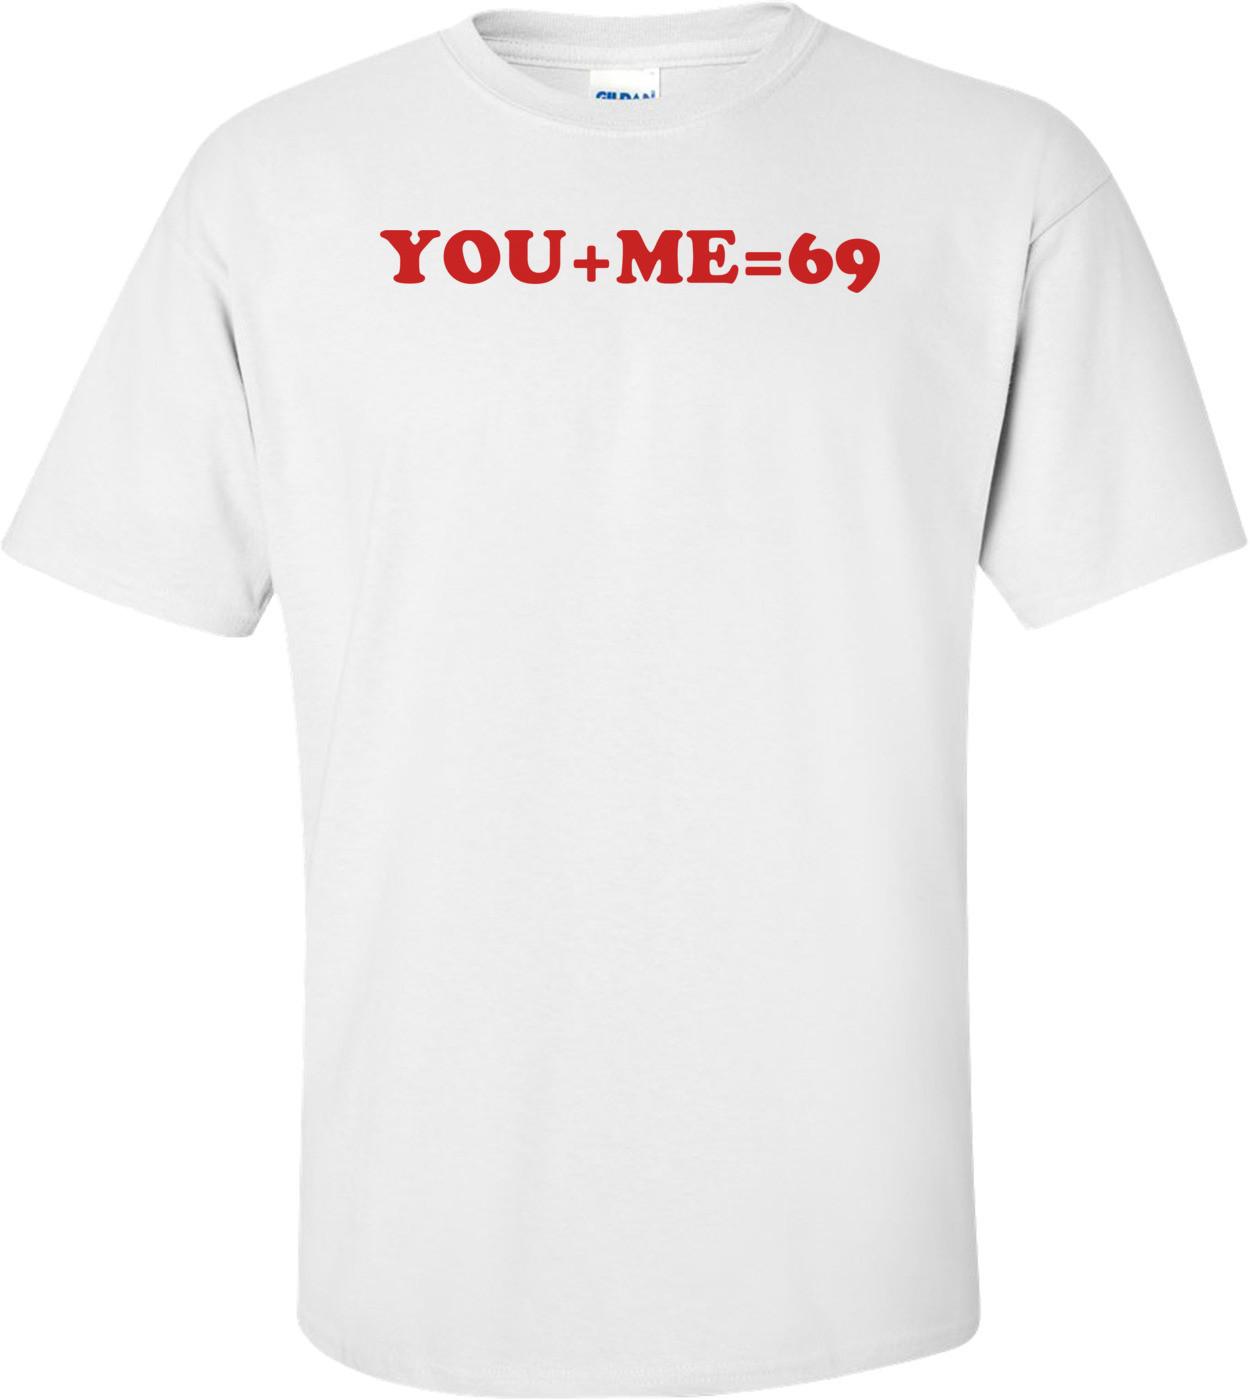 YOU+ME=69 Shirt